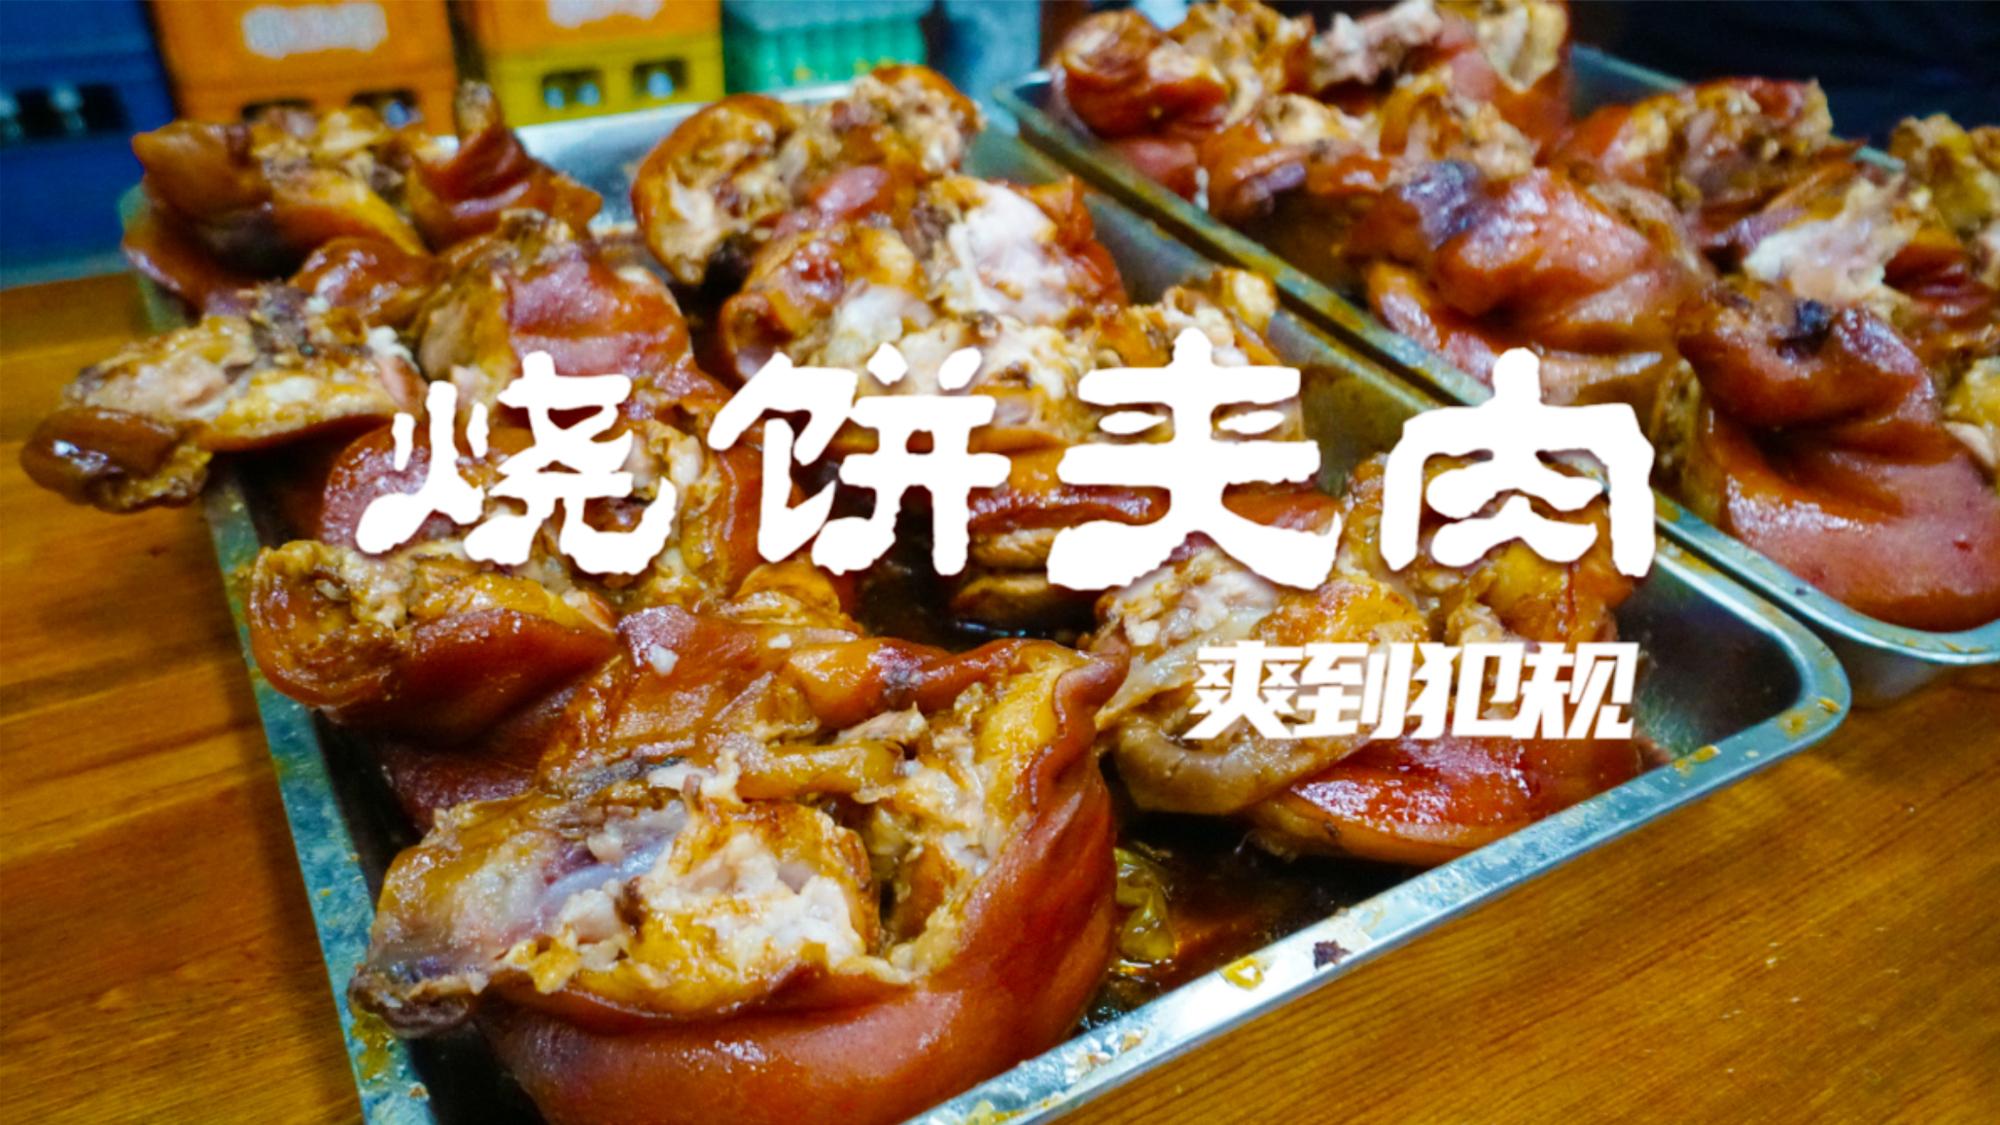 「烧饼里的肘子肉都快溢出来了」宝华斋老北京烧饼夹肉探店vlog【冬日限定美食】